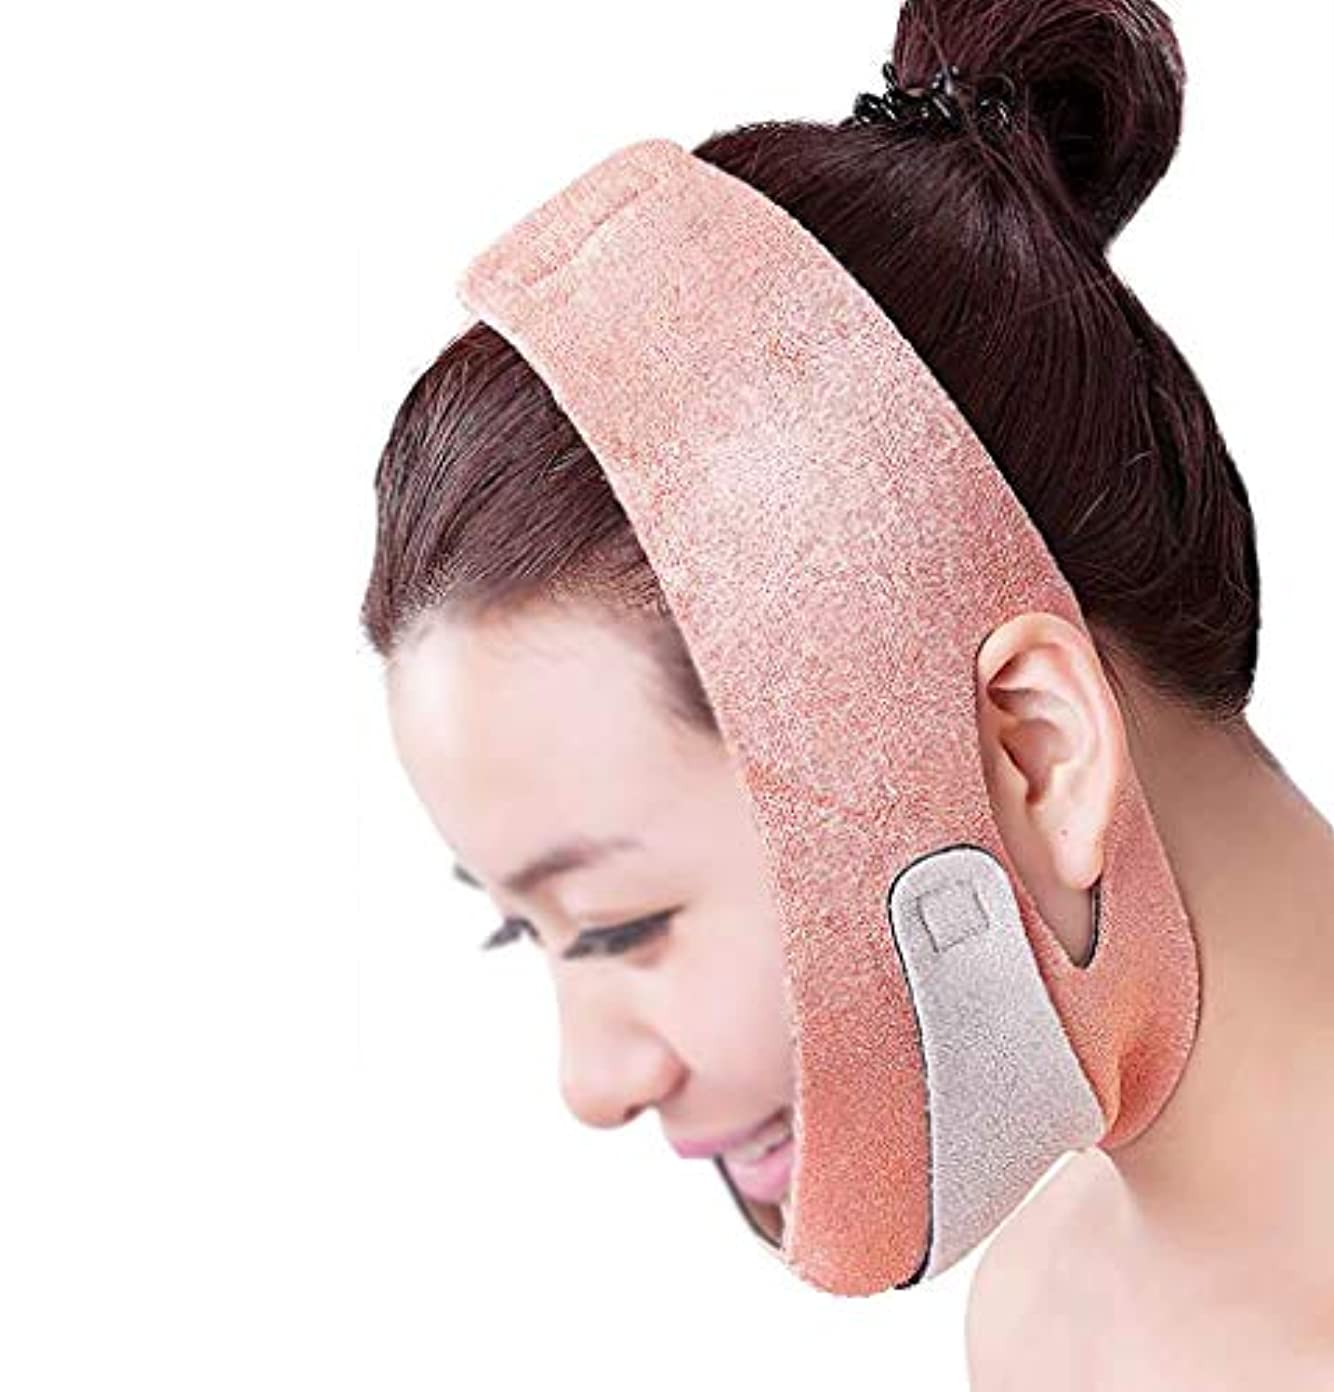 痩身ベルト、フェイシャルマスク3d改装引き締め顔修正ベルト強力な顔アーティファクト小さなフェイス包帯リフティングvフェイスマスク (Color : A)